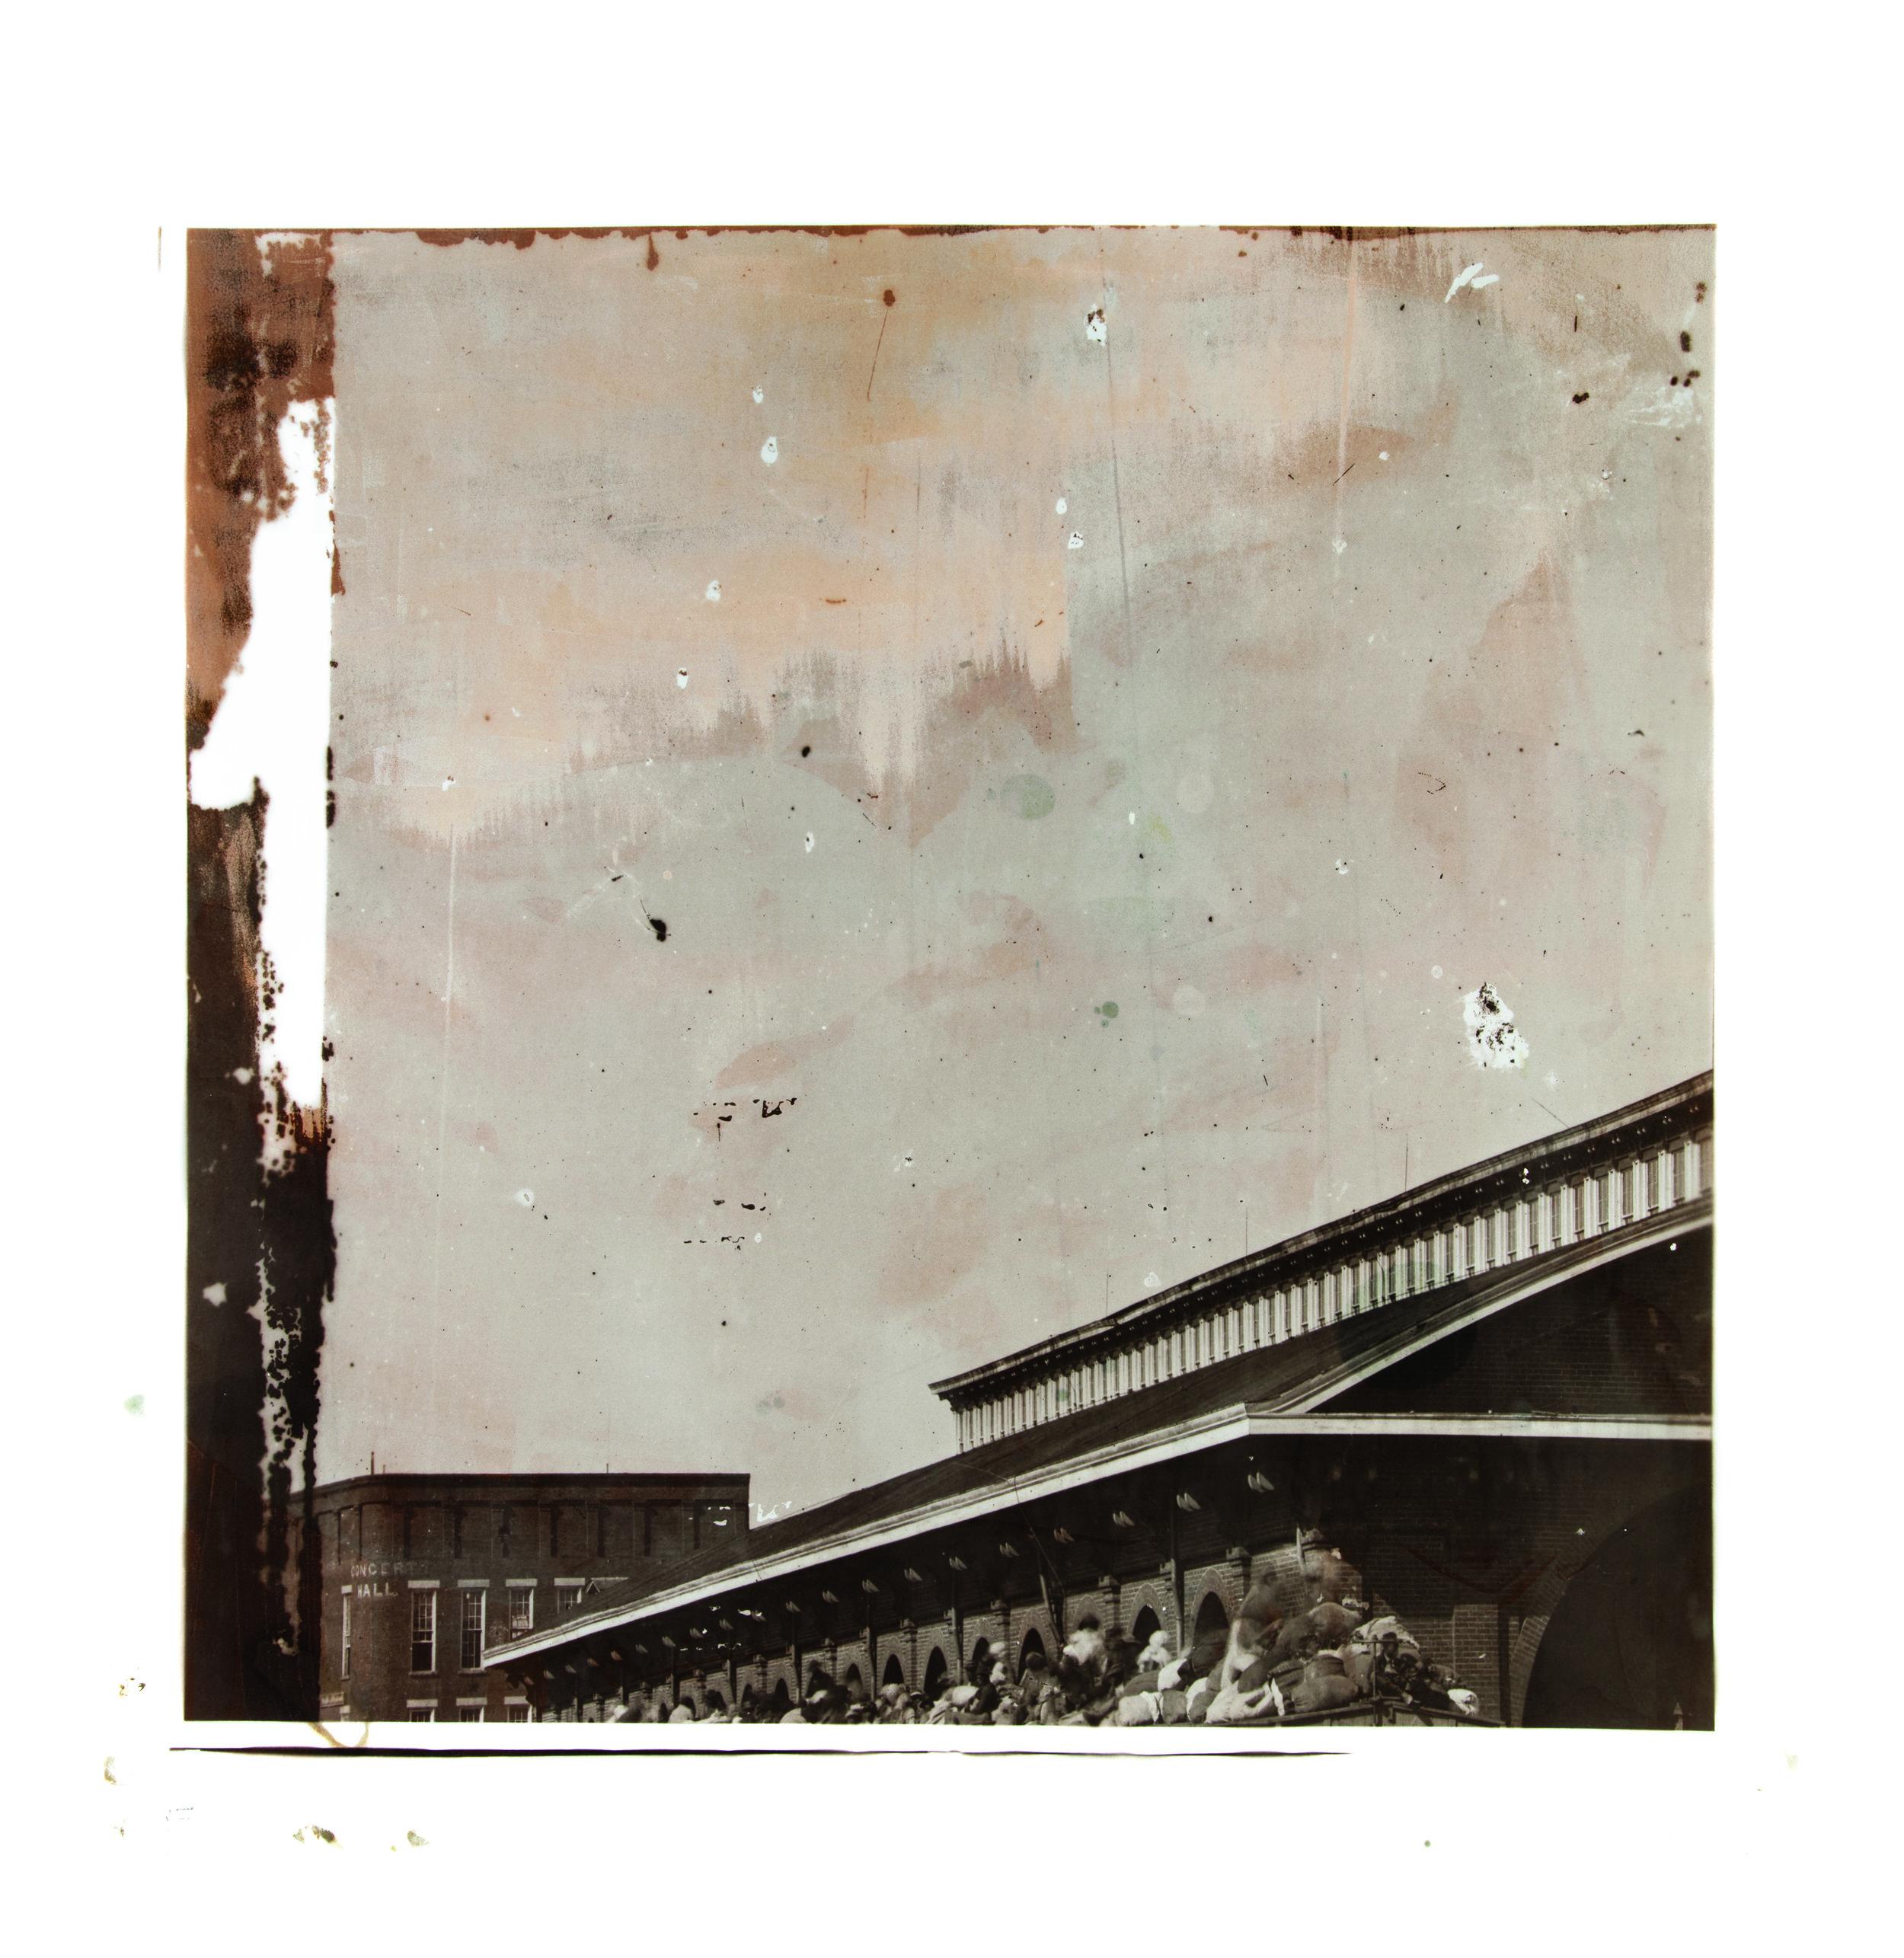 1864, 03472a1  2017  peaches, eggs, salt, sugar, flour, cinnamon, butter,  and silver nitrate on paper (albumen print)  45 x 45 inches